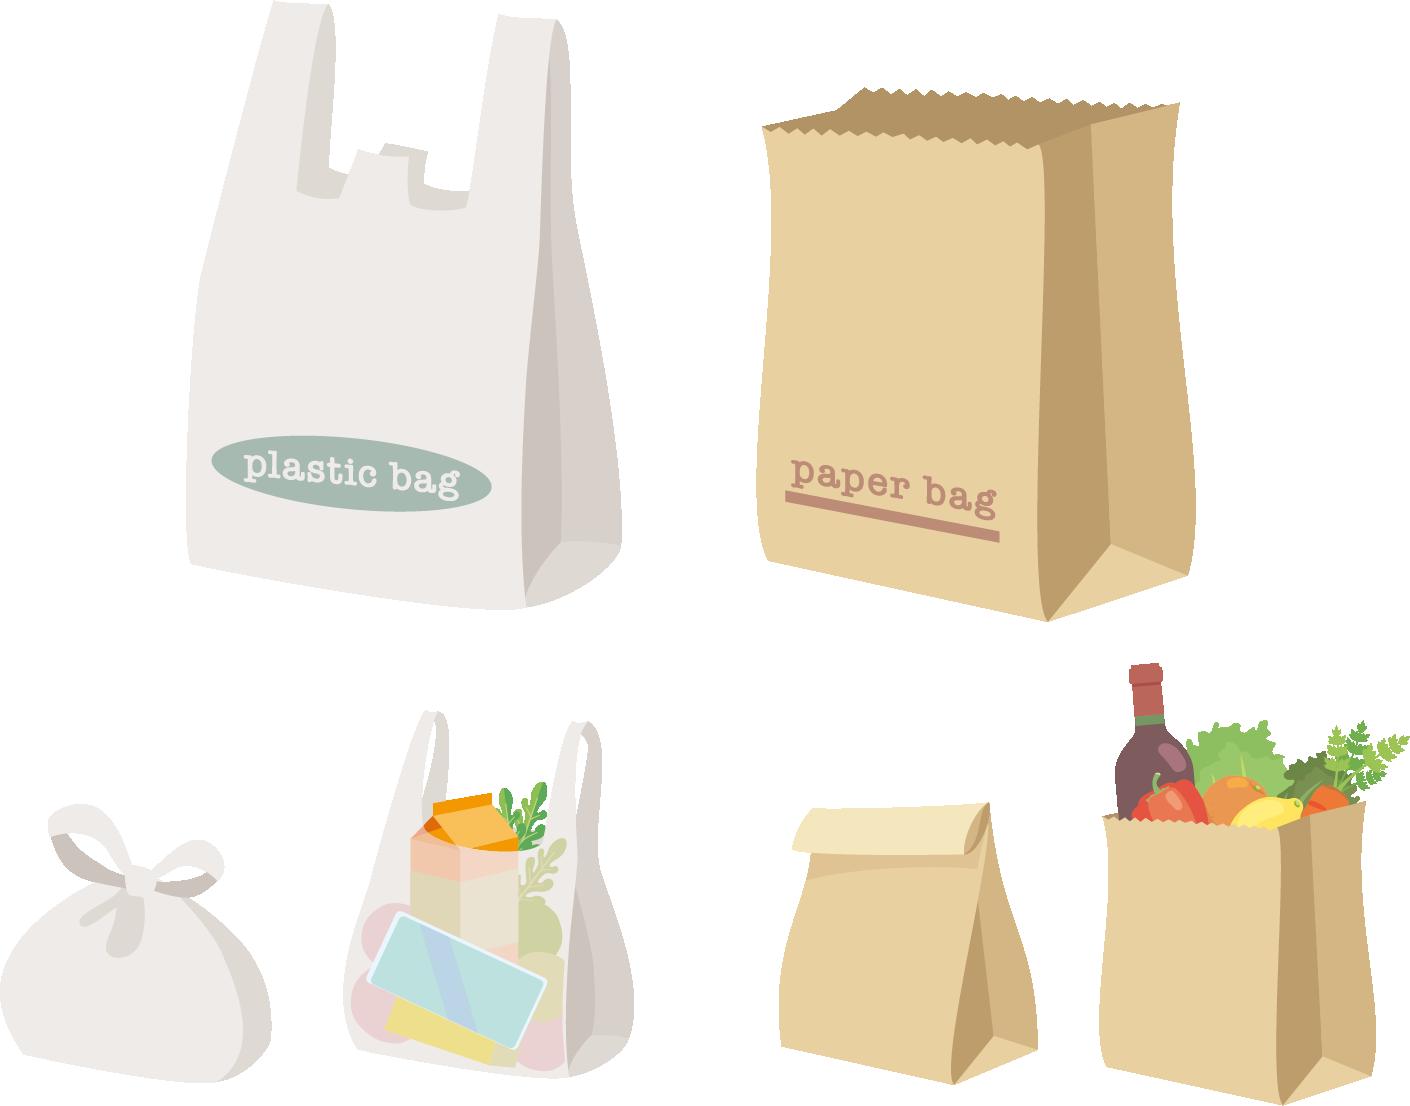 (参考)レジ袋が有料化義務化される条件